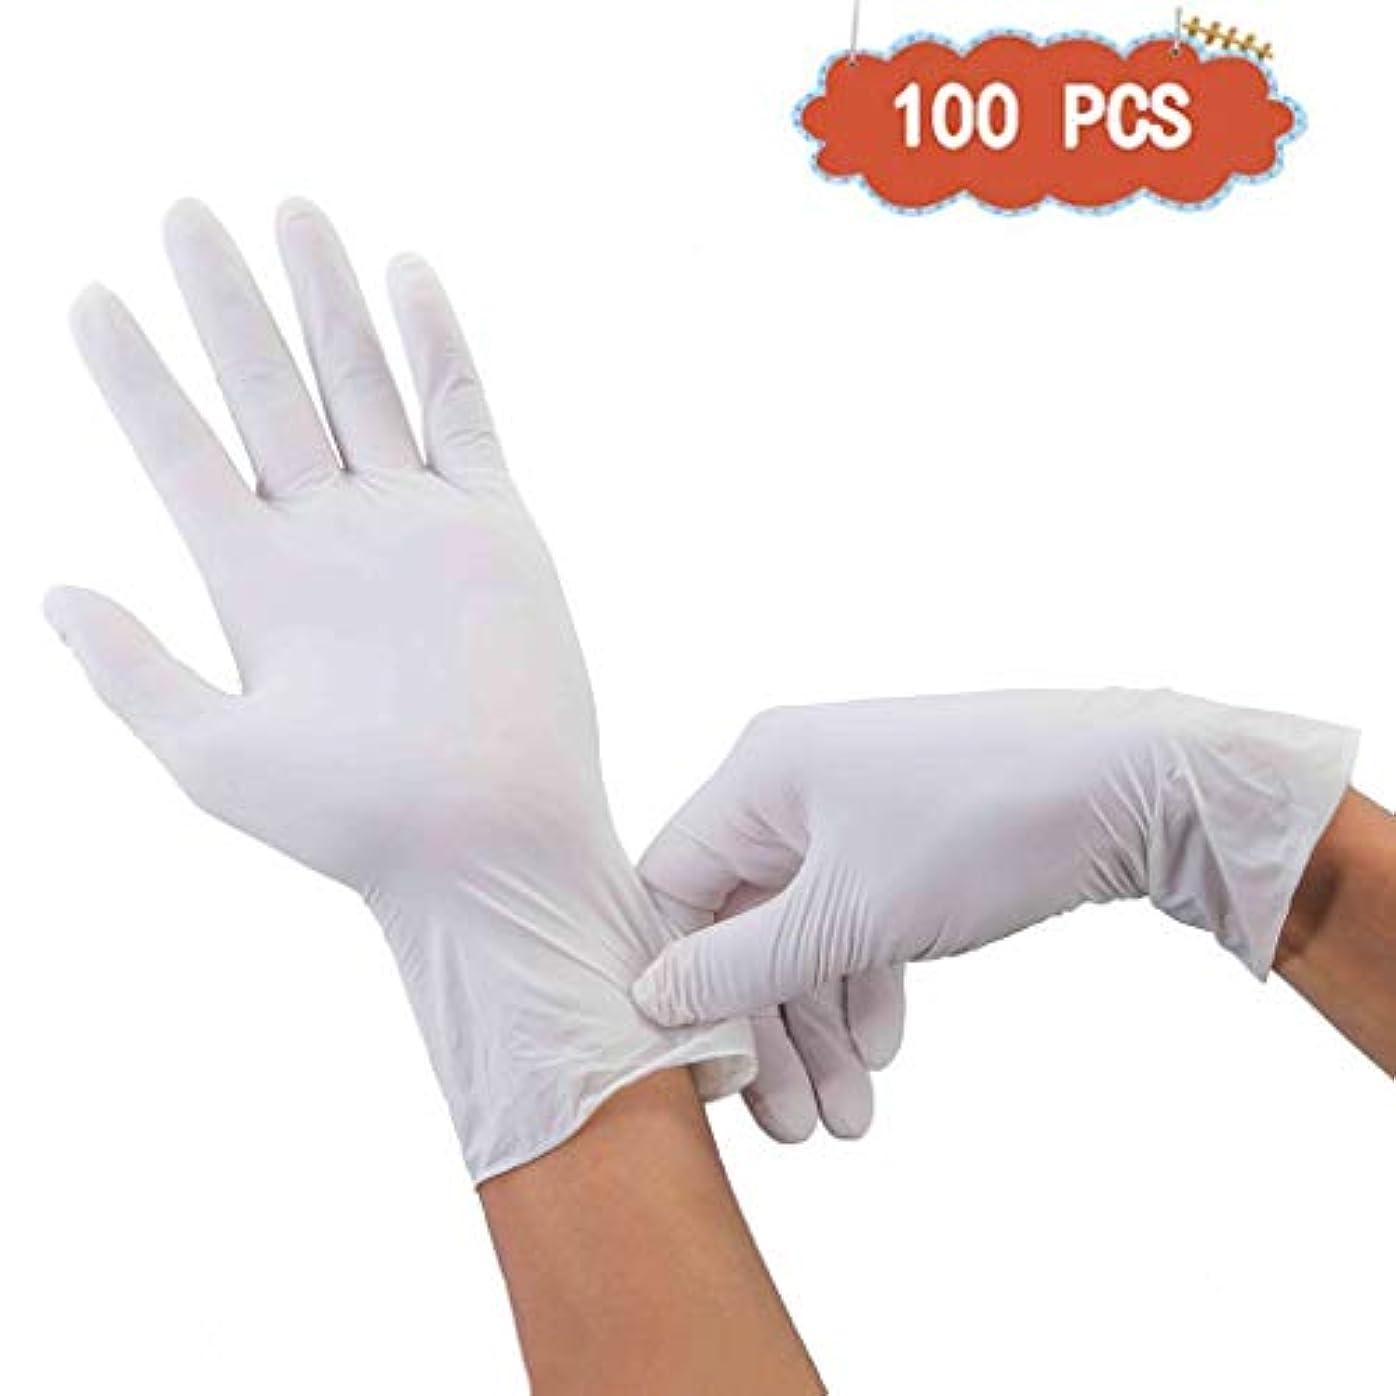 ニトリル手袋、白い手袋食品衛生処理医療産業使い捨て手袋ペットケアネイルアート検査保護実験、美容サロンラテックスフリー、、 100個 (Size : S)